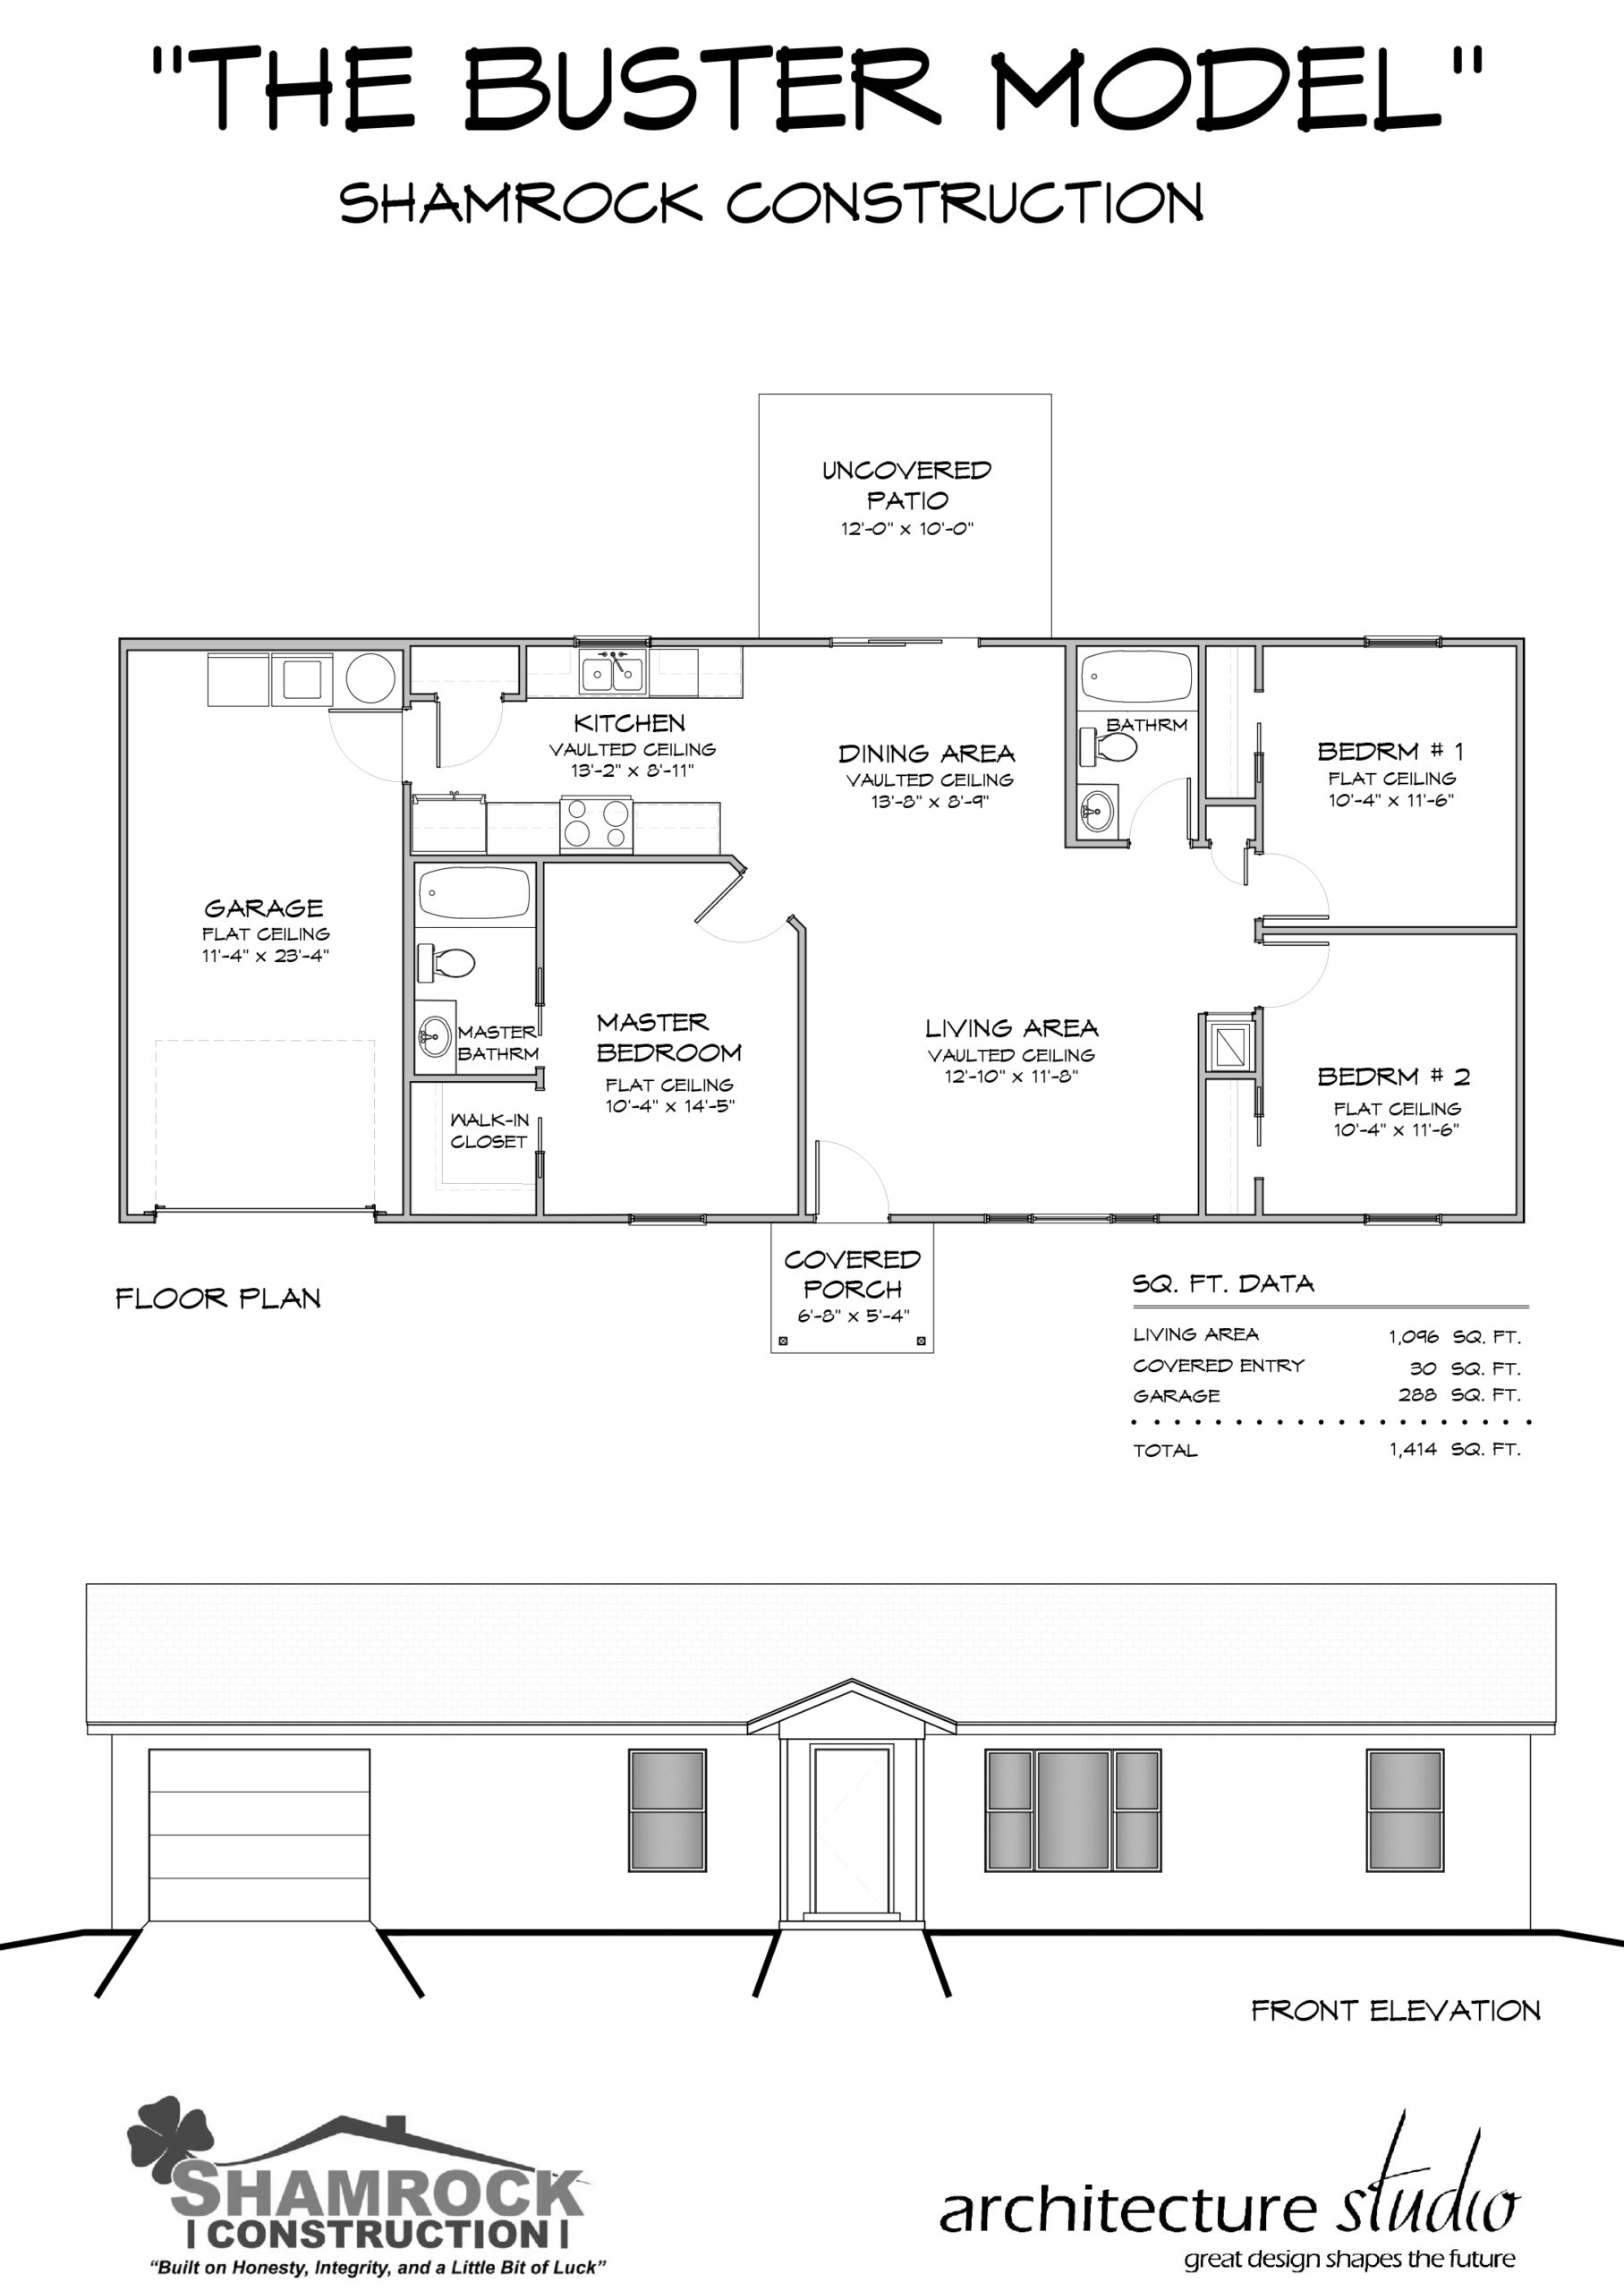 Buster Model Home - Shamrock Construction